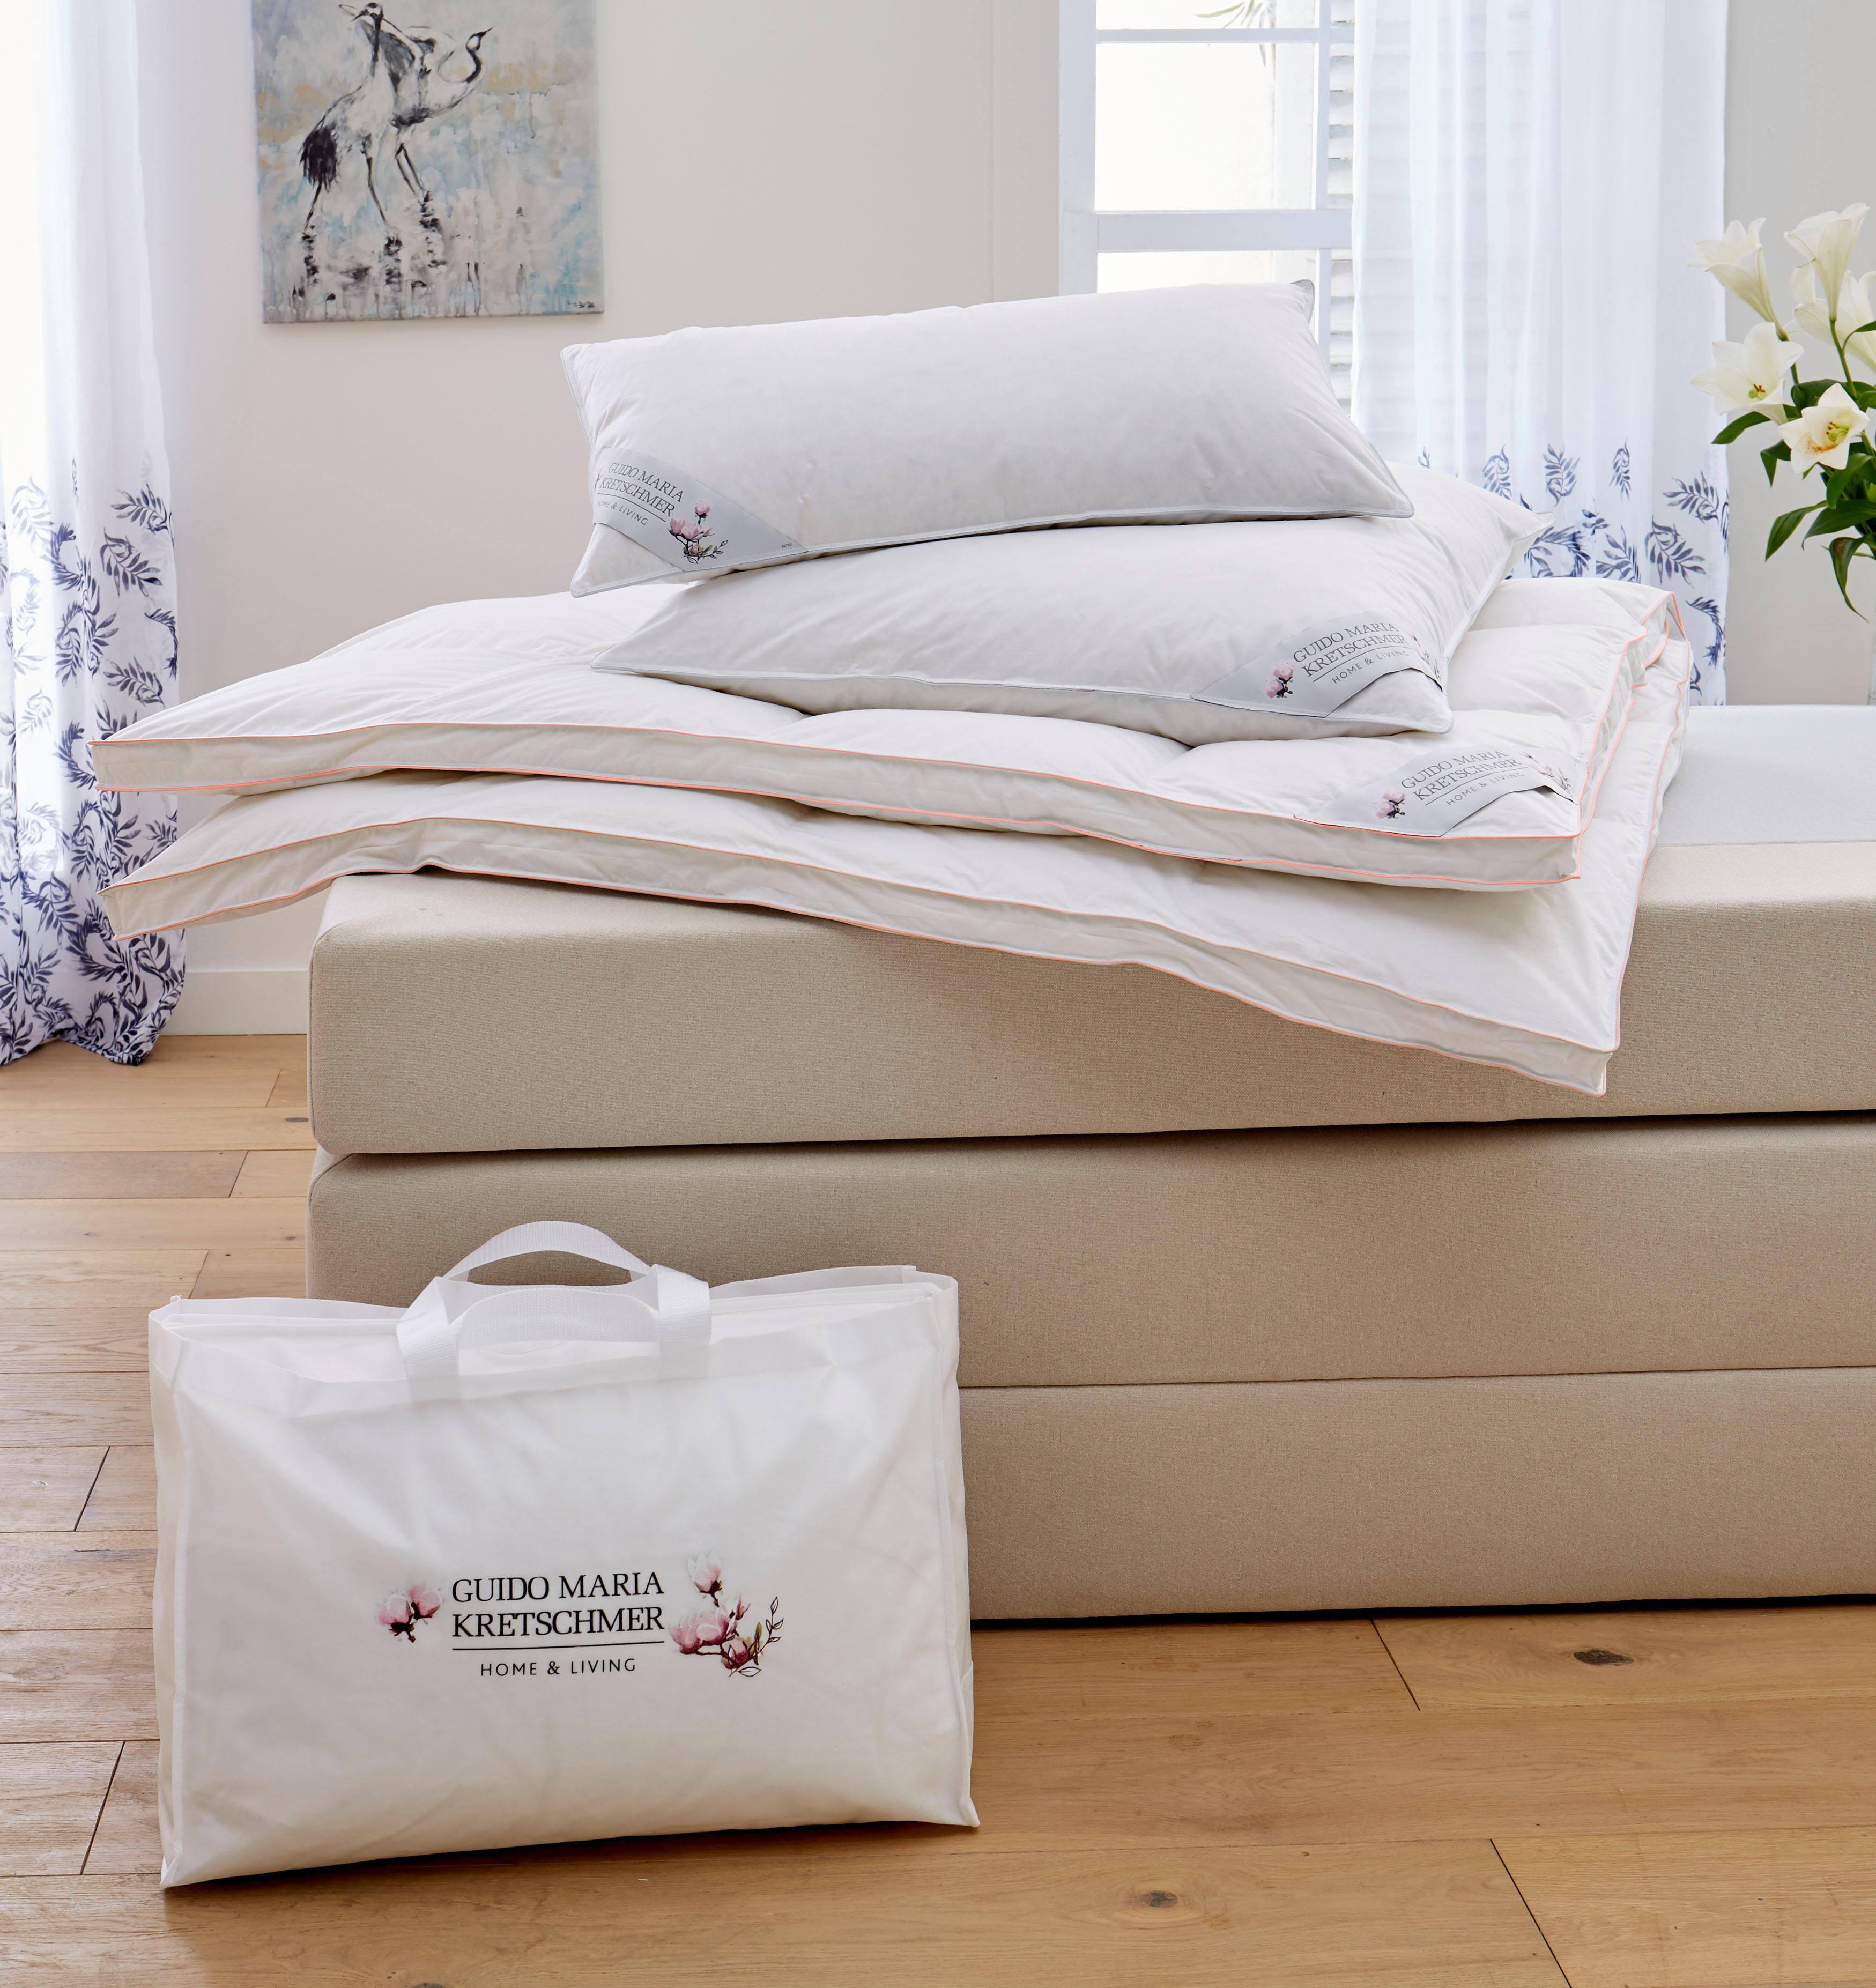 Daunenbettdecke + Kopfkissen GMK Guido Maria Kretschmer Home&Living warm